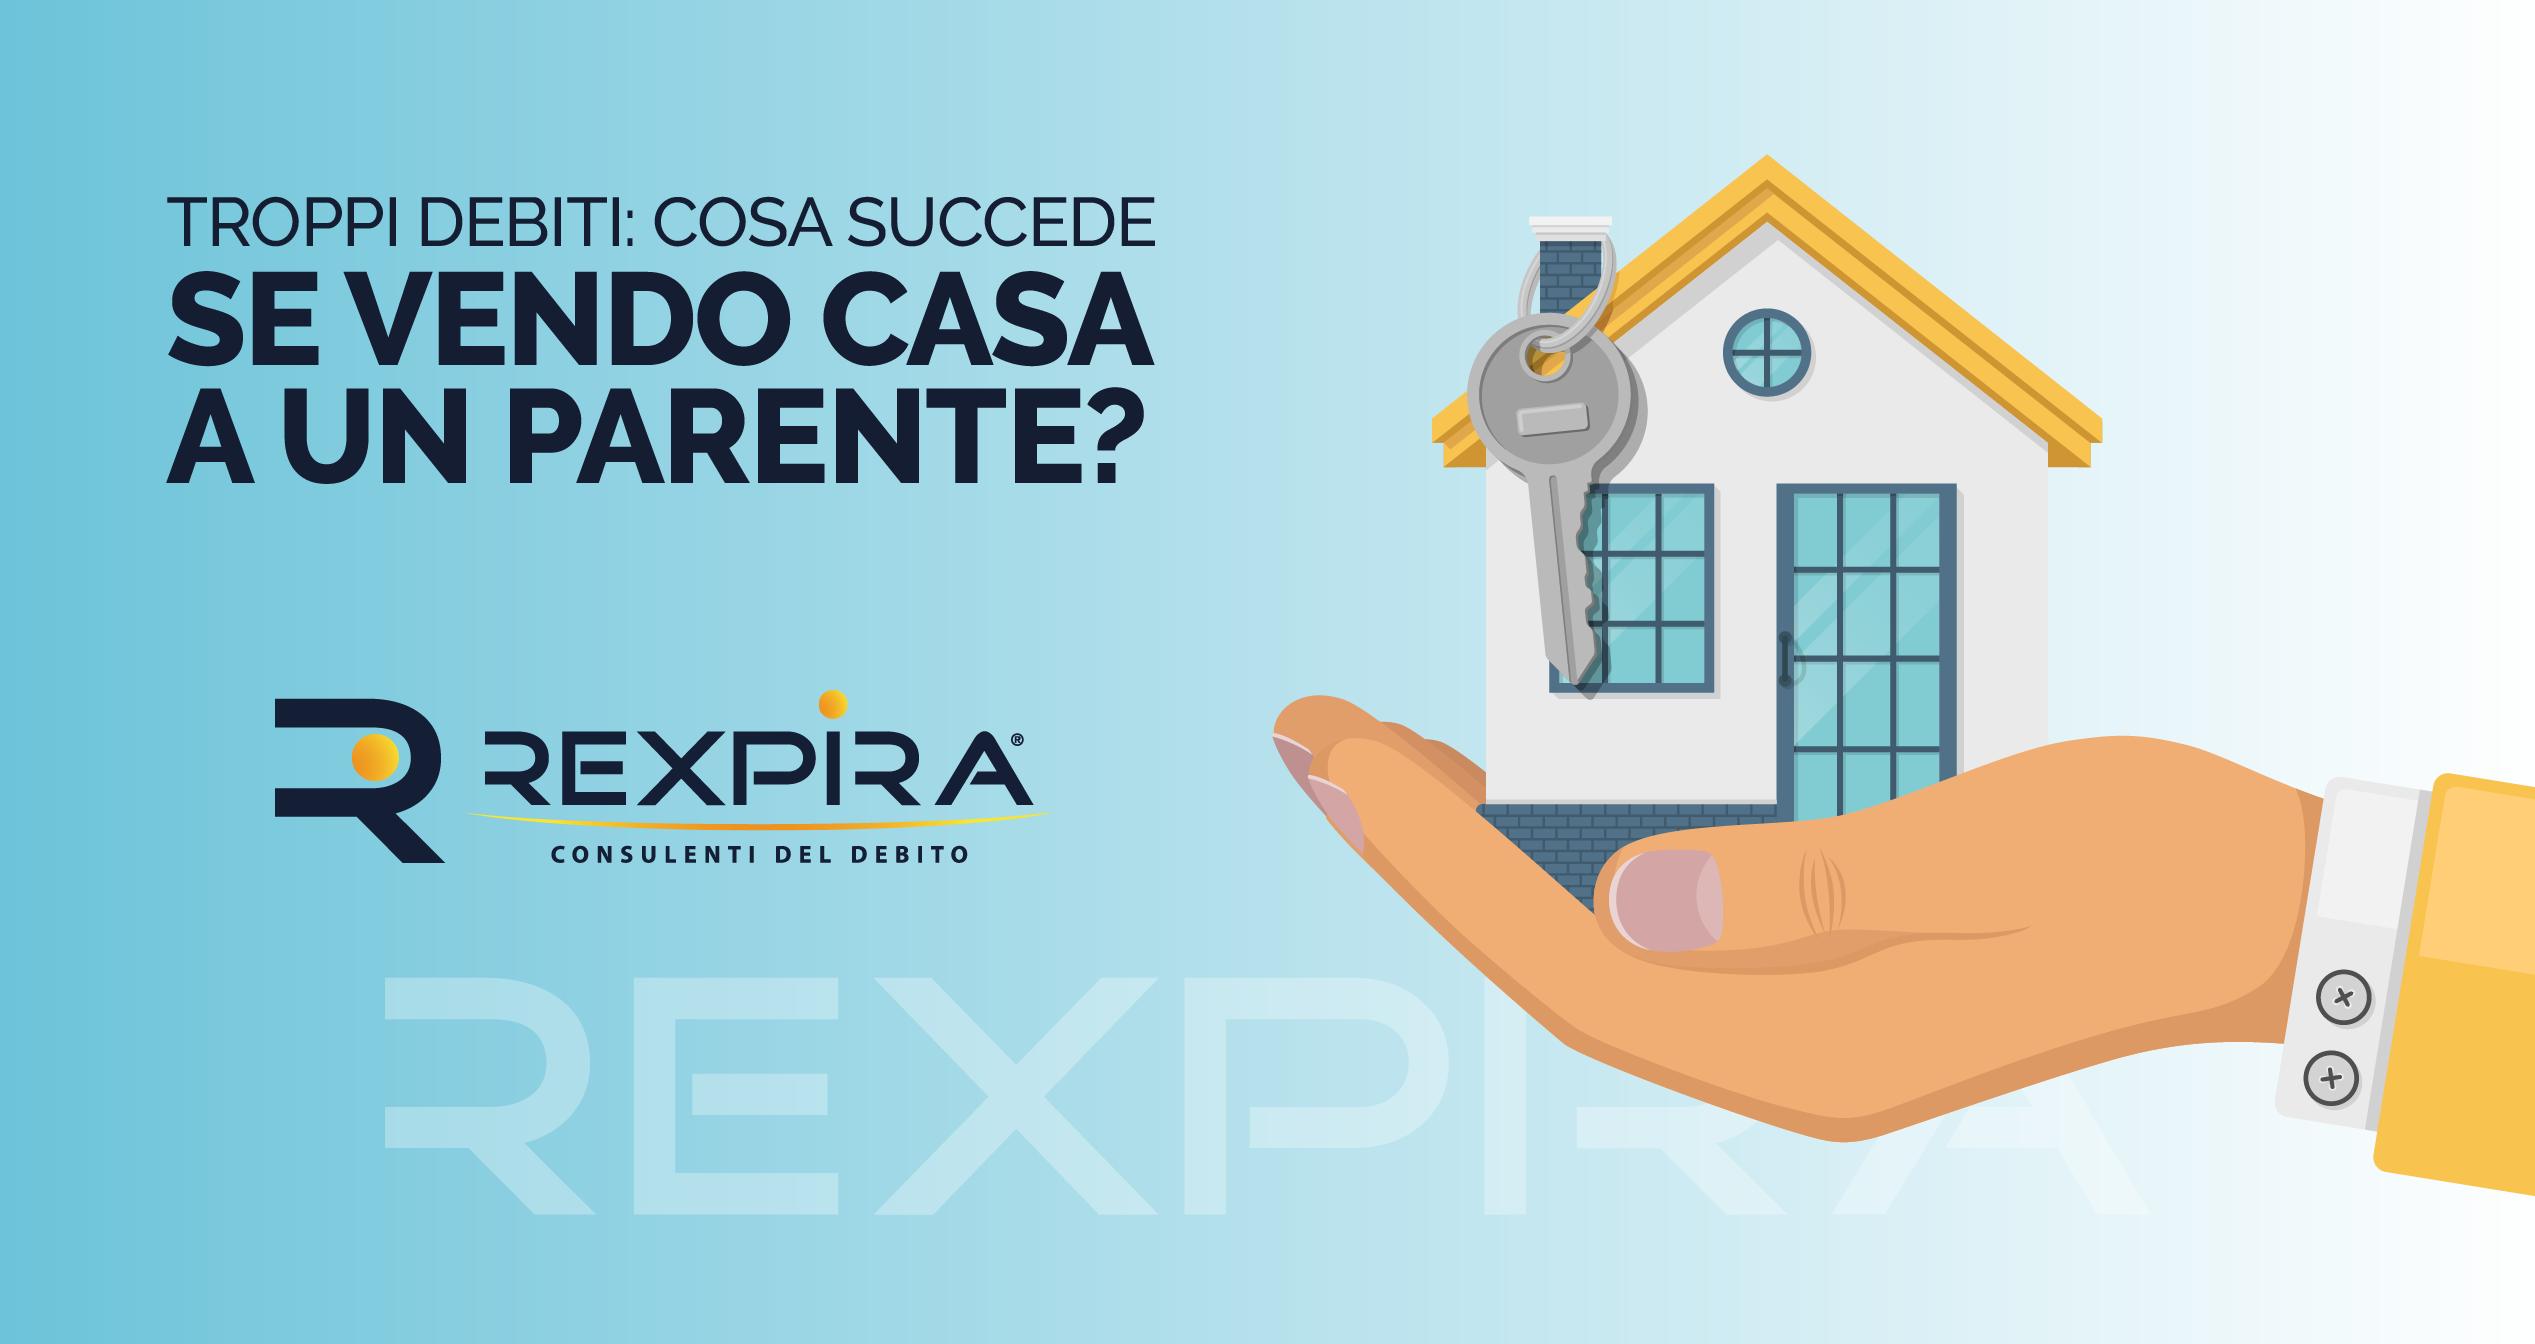 Troppi debiti: rischio qualcosa se vendo casa a un parente?